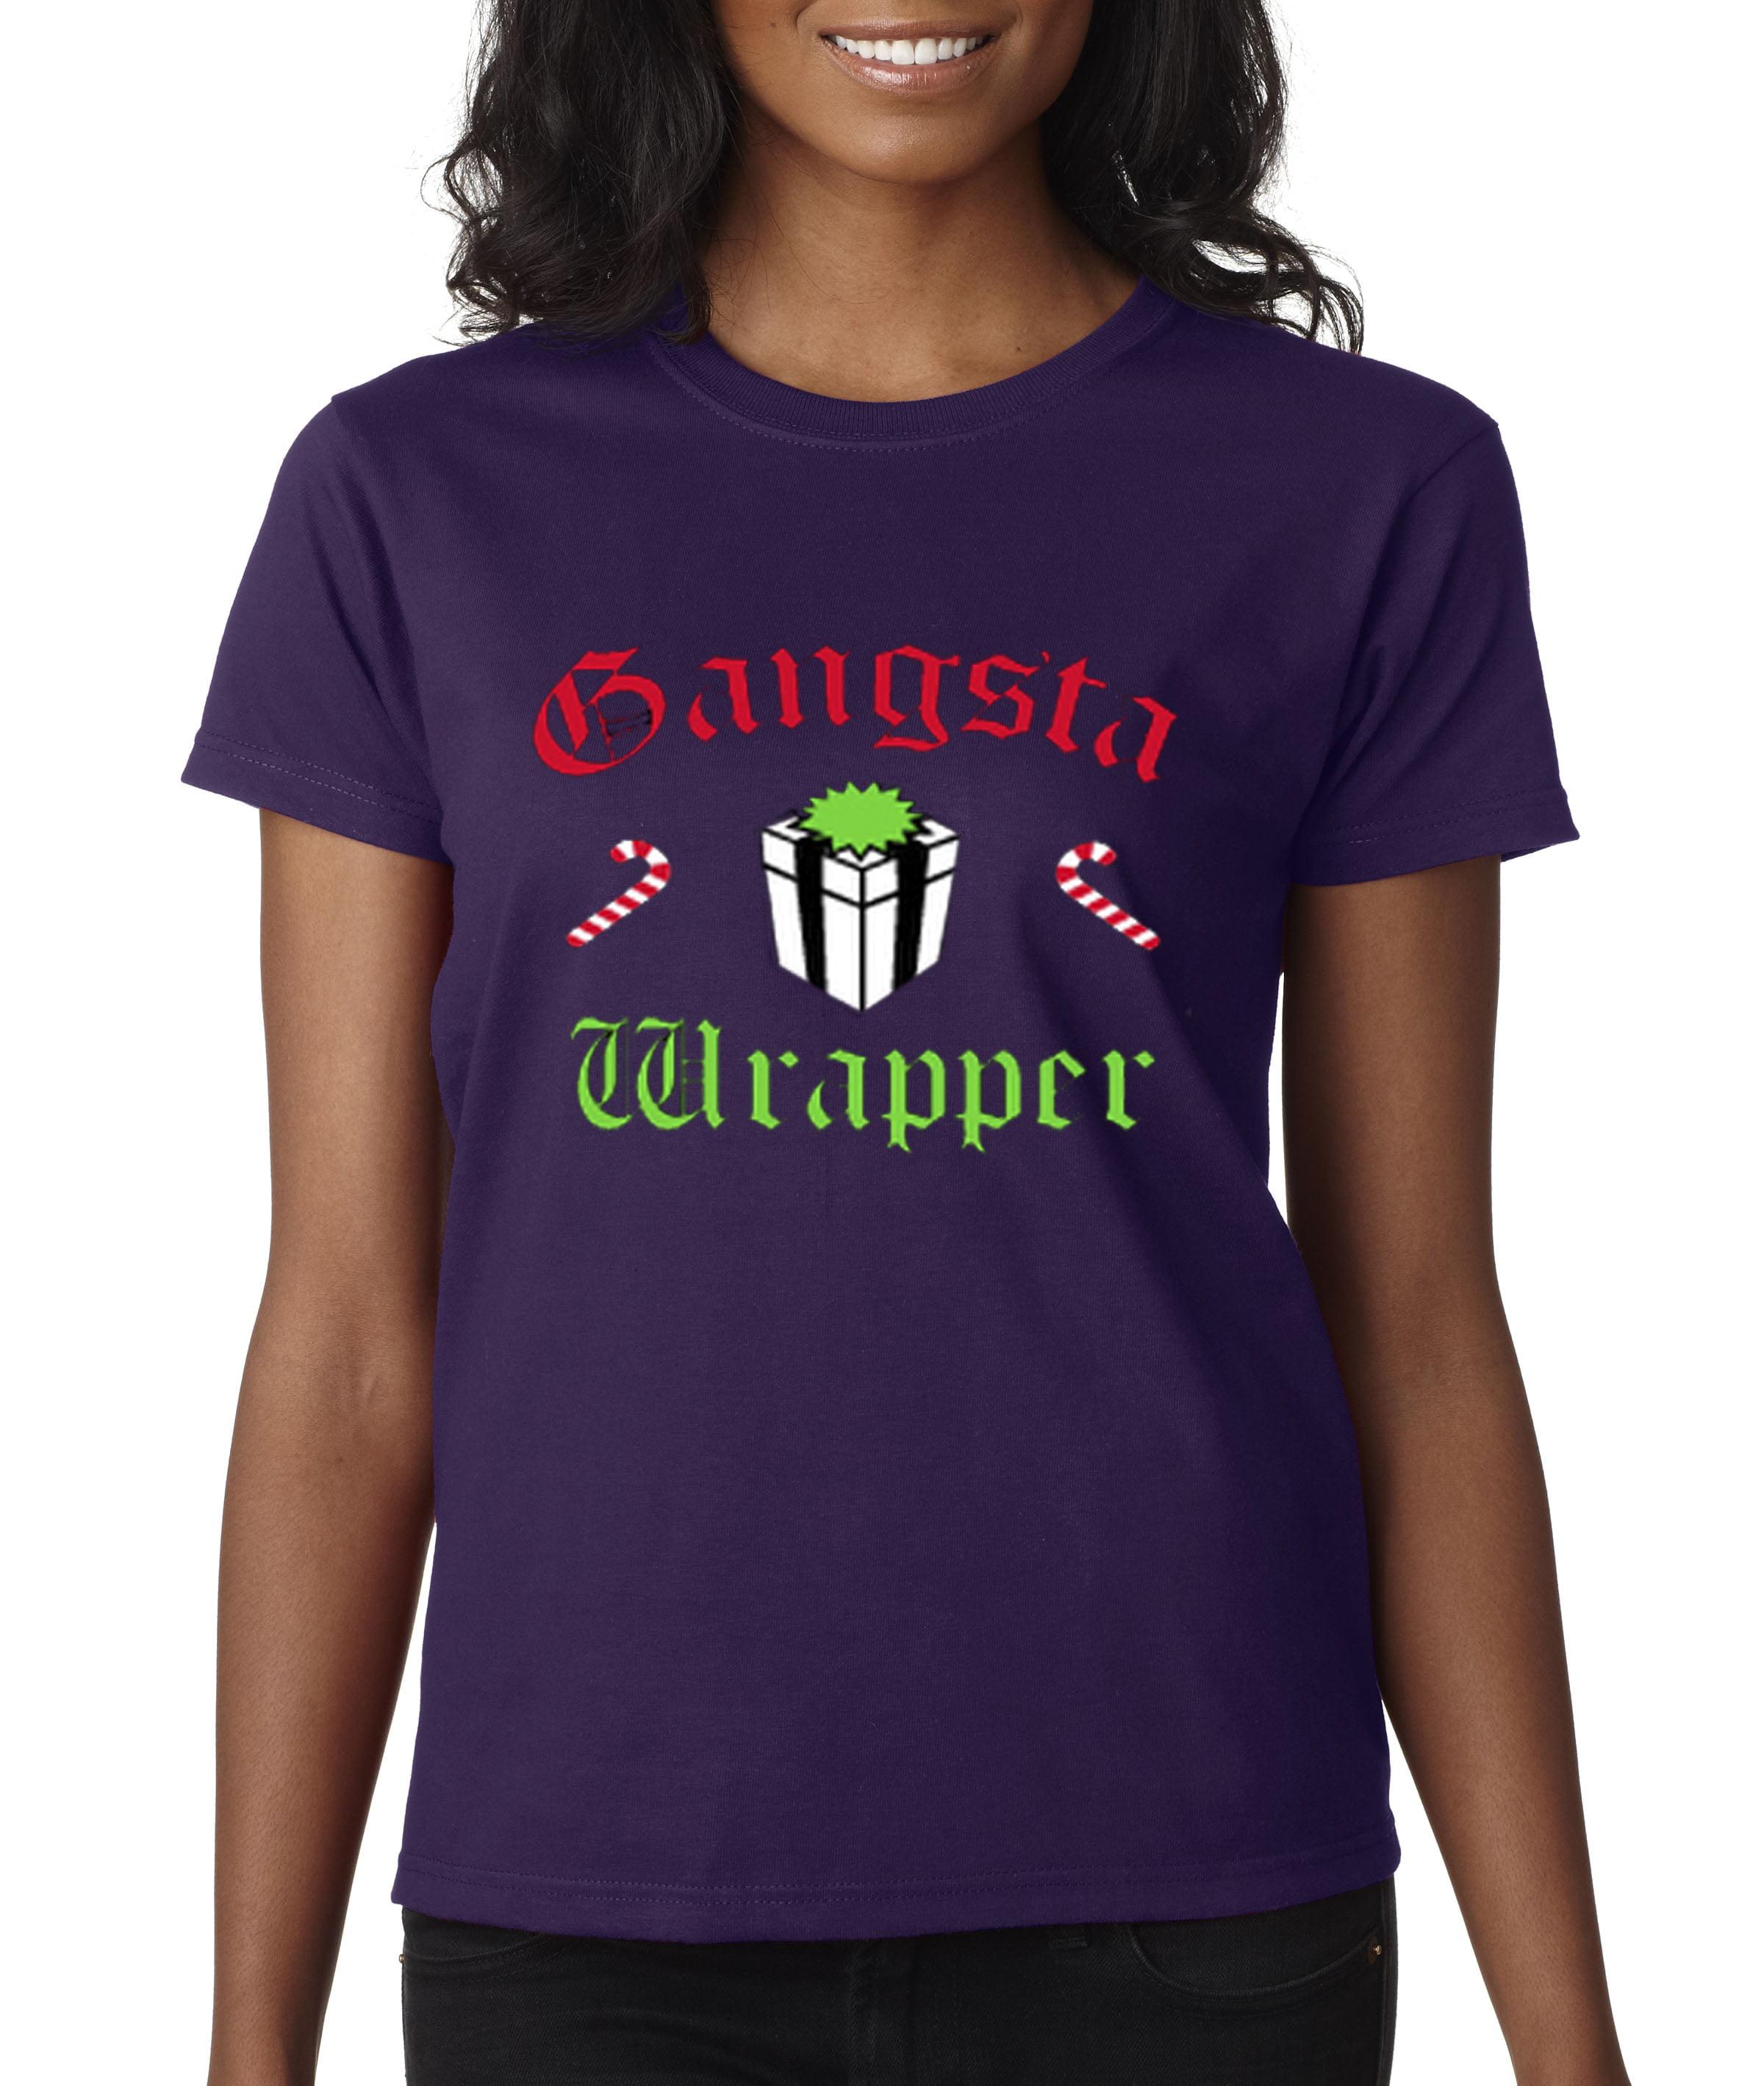 9349422d New Way 588 - Women's T-Shirt Gangsta Wrapper Rapper Gift Candy Cane  Christmas